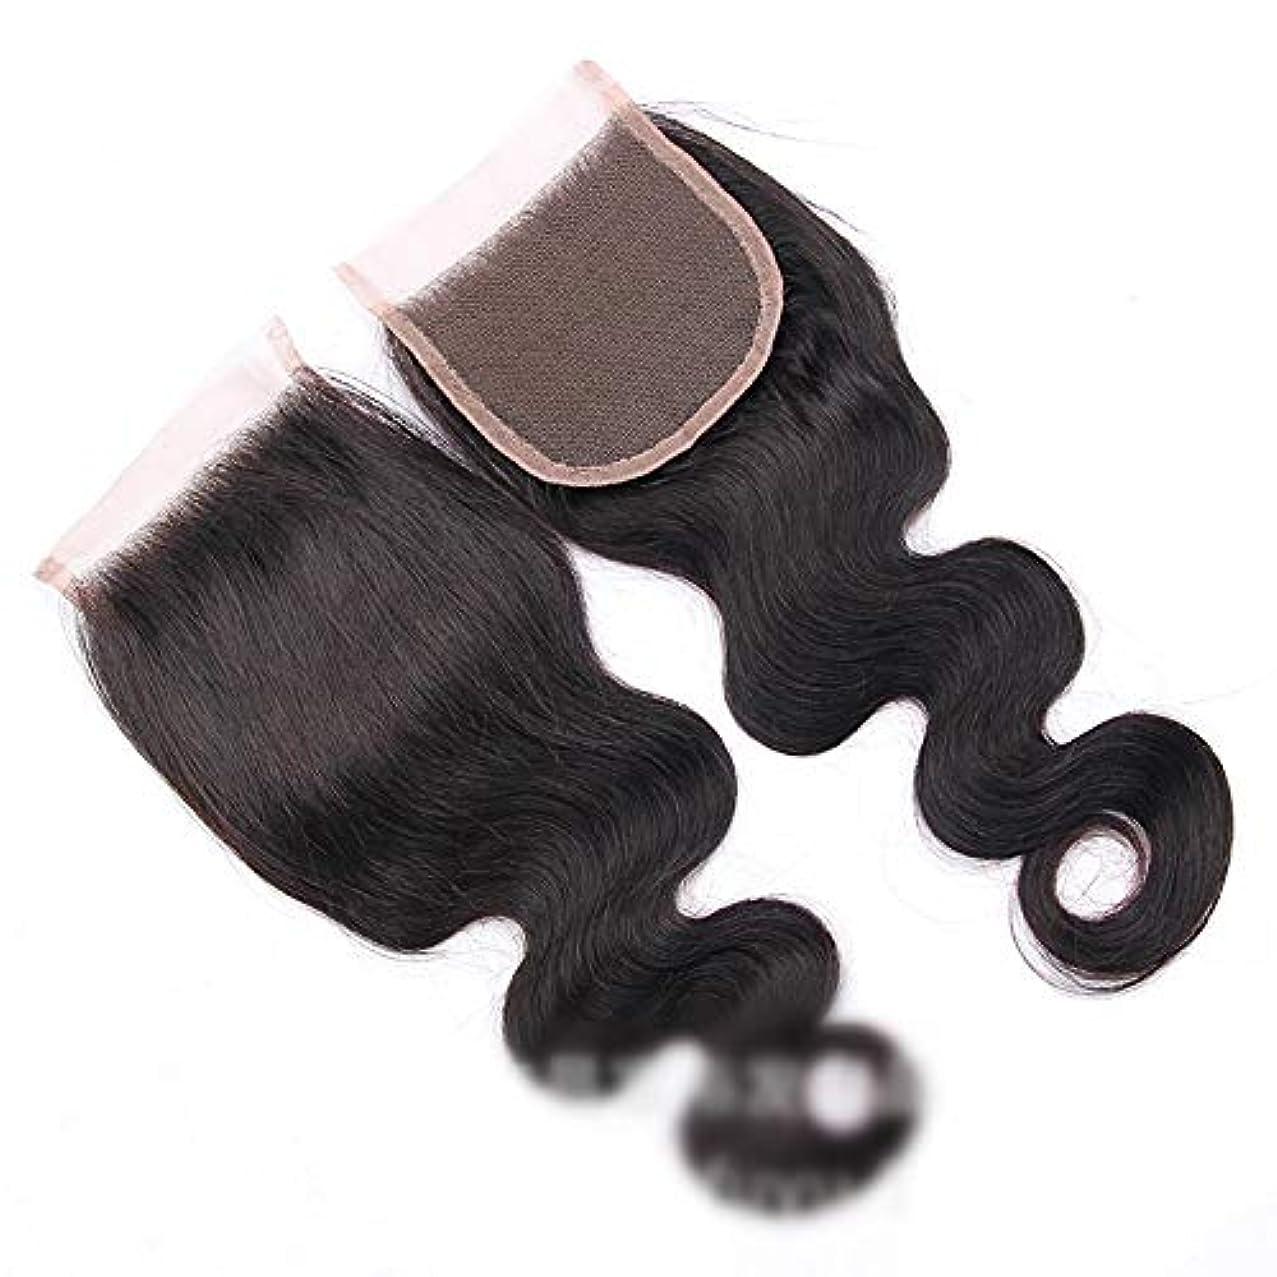 拍手する経済仕立て屋HOHYLLYA ブラジル実体波レース閉鎖無料パート100%バージン人間の髪の毛の閉鎖ナチュラルカラービッグウェーブウィッグ (色 : 黒, サイズ : 8 inch)